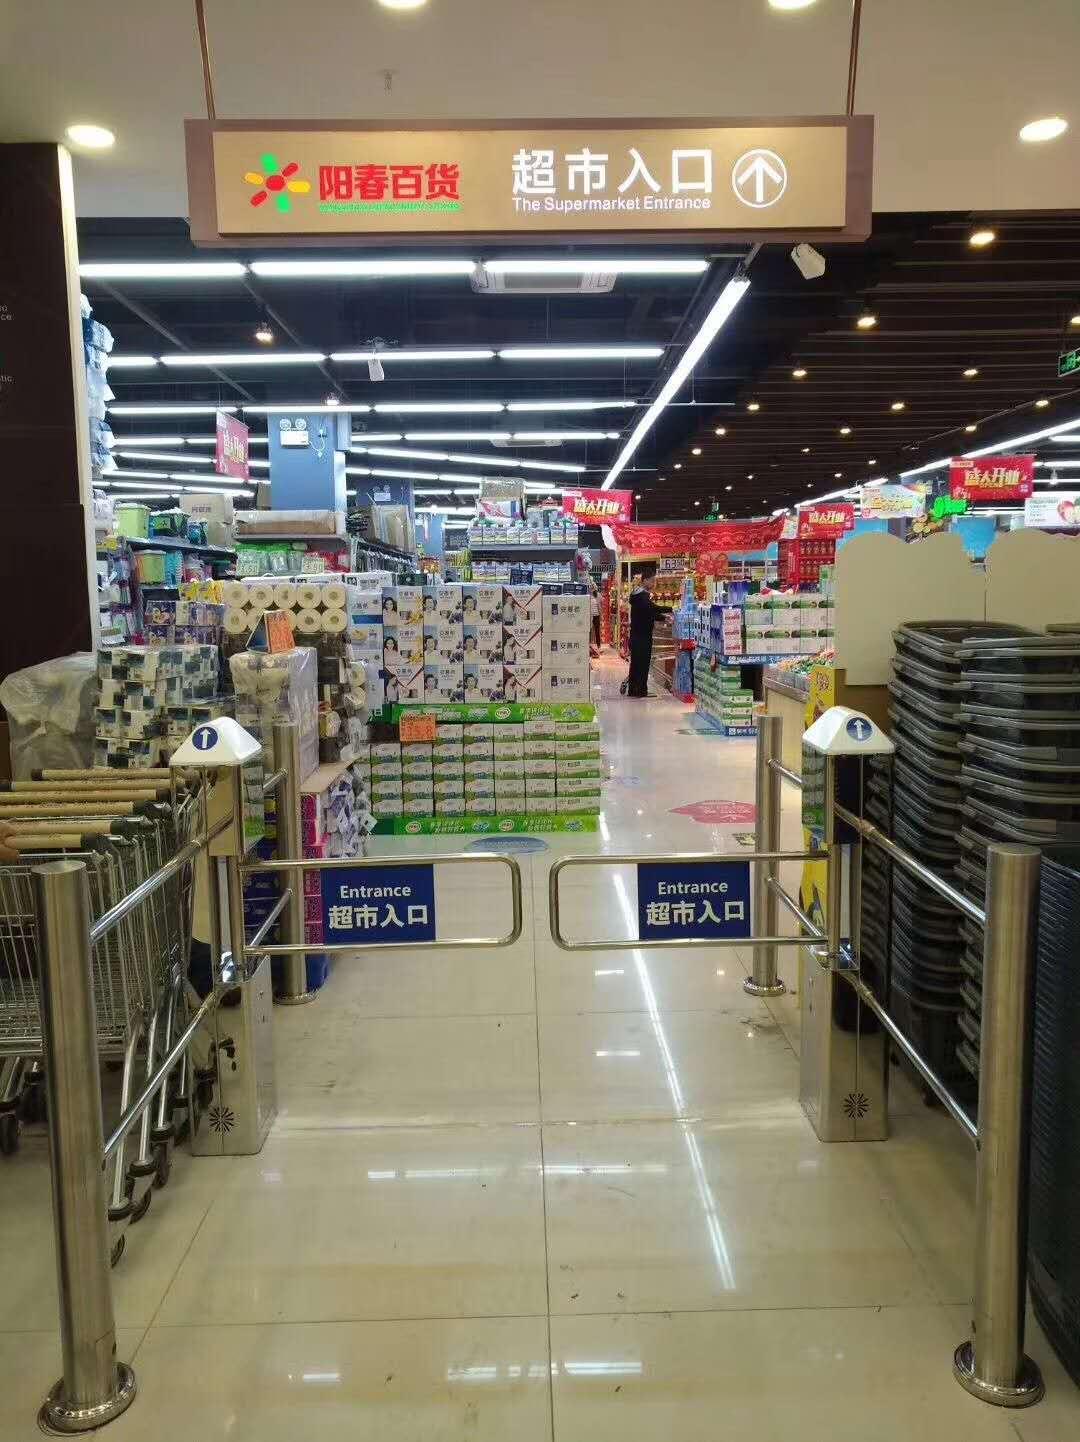 新款超市自動感應門超市紅外感應擺閘門單向商場轉閘機不銹鋼門